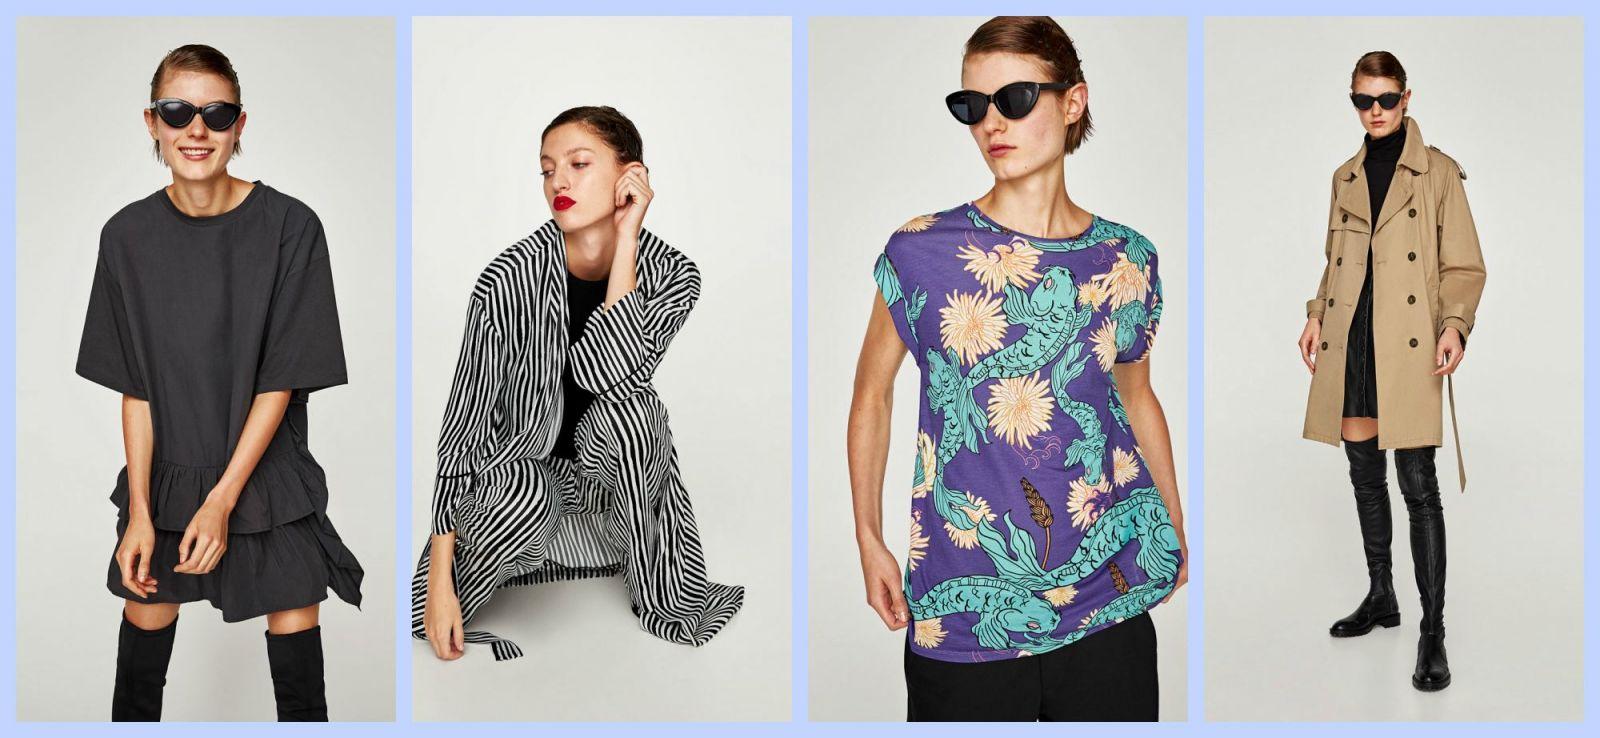 8aab7b32ff7 Бутик женской одежды London-Moda предлагает вам купить модную ...